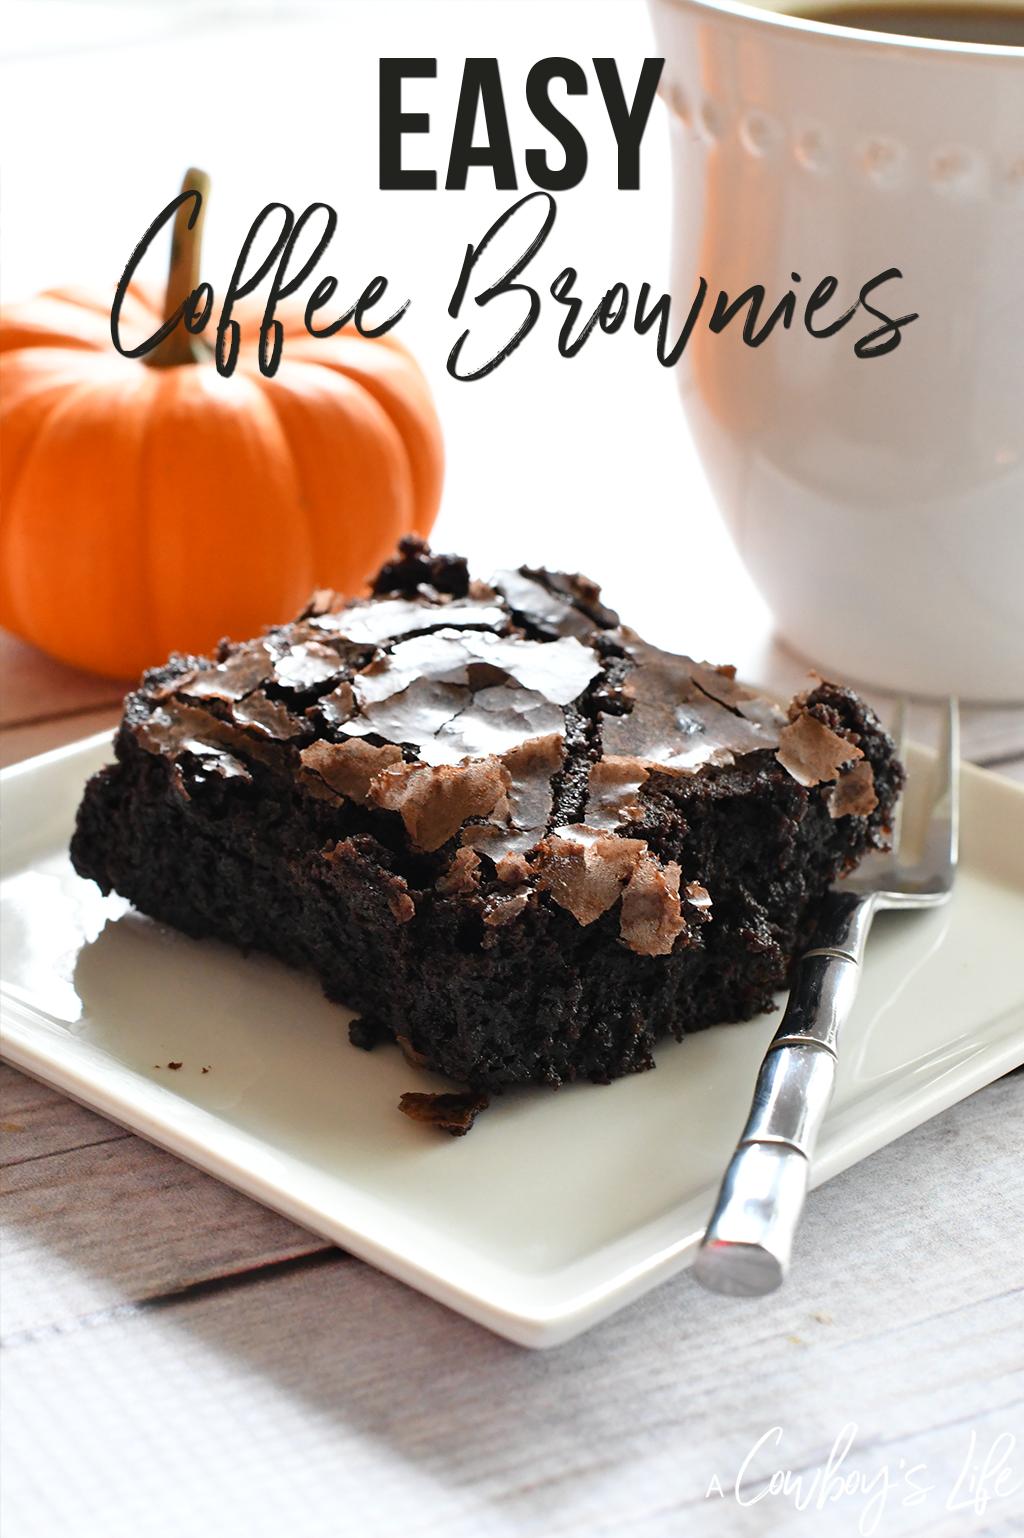 Easy Coffee Brownies